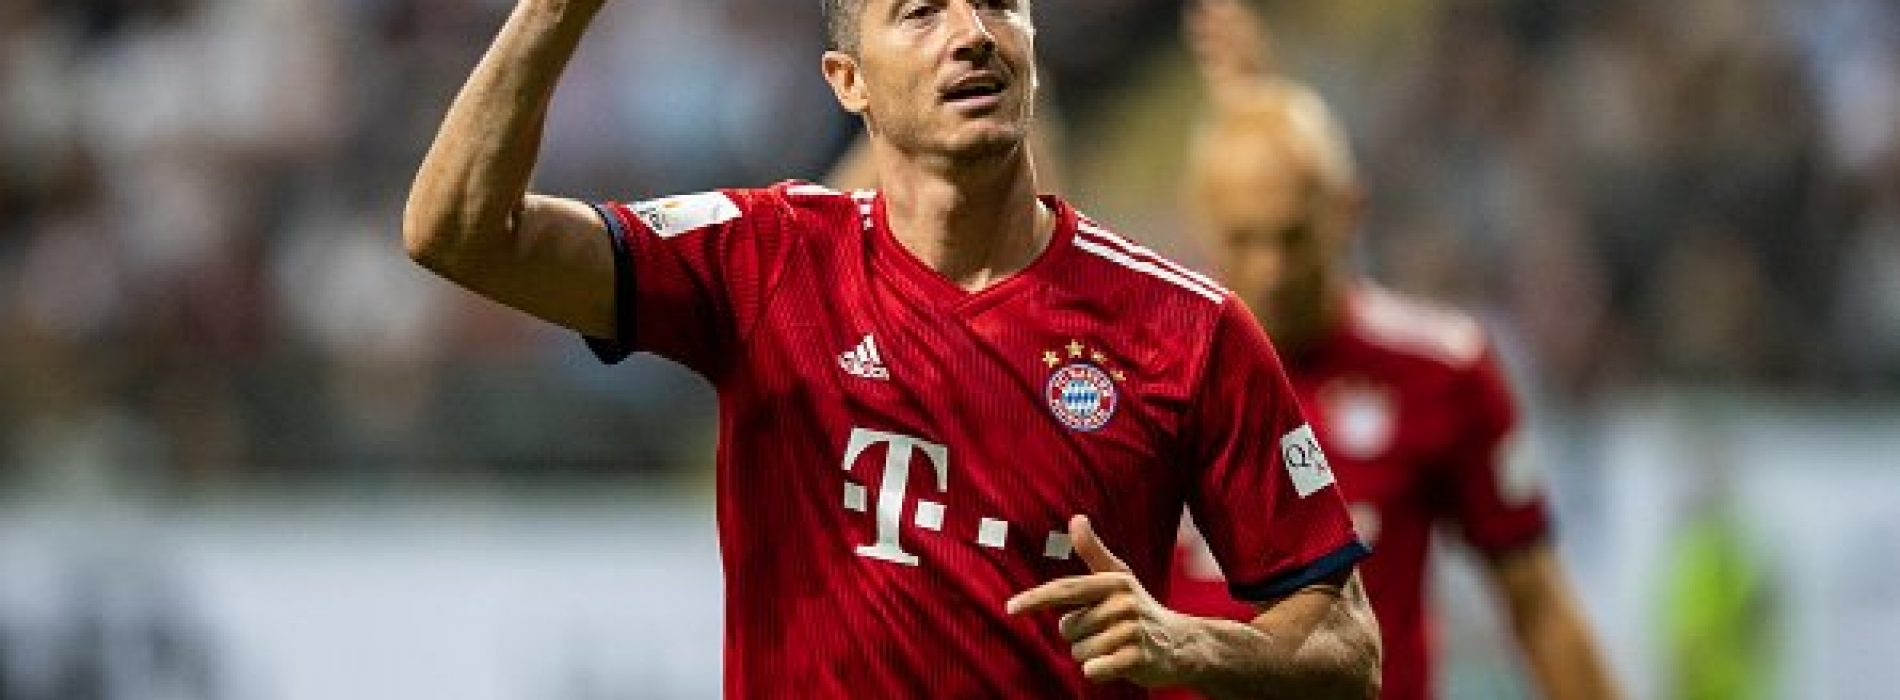 DFB Pokal, il Bayern centra il double: Lipsia travolto in finale